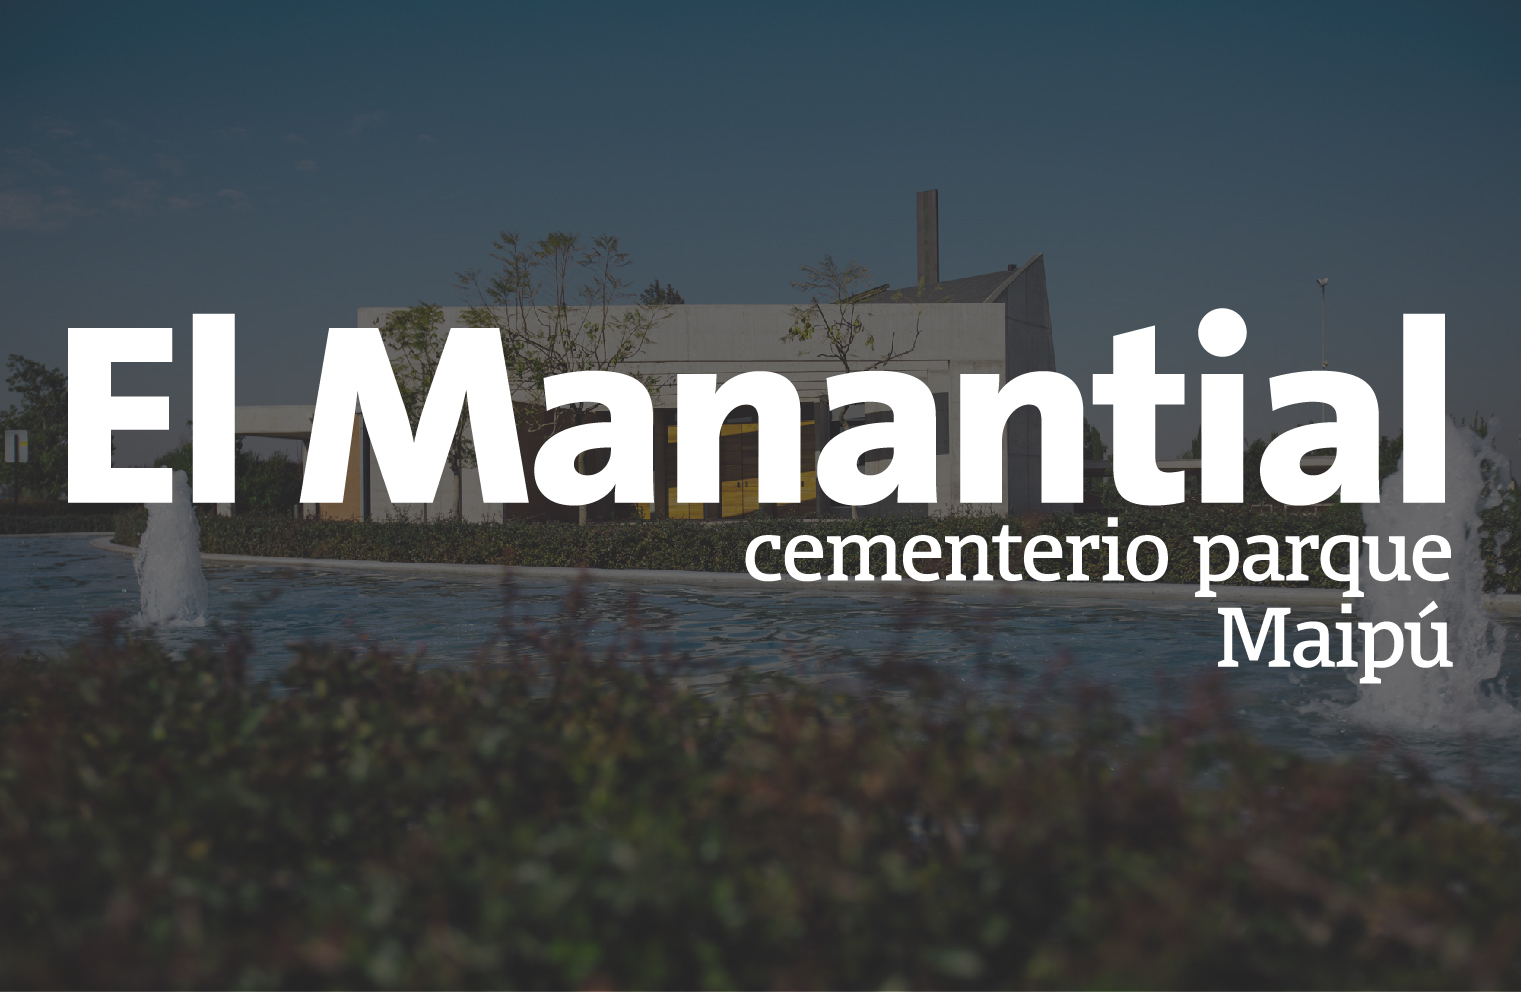 Parque Cementerio El Manantial Maipú